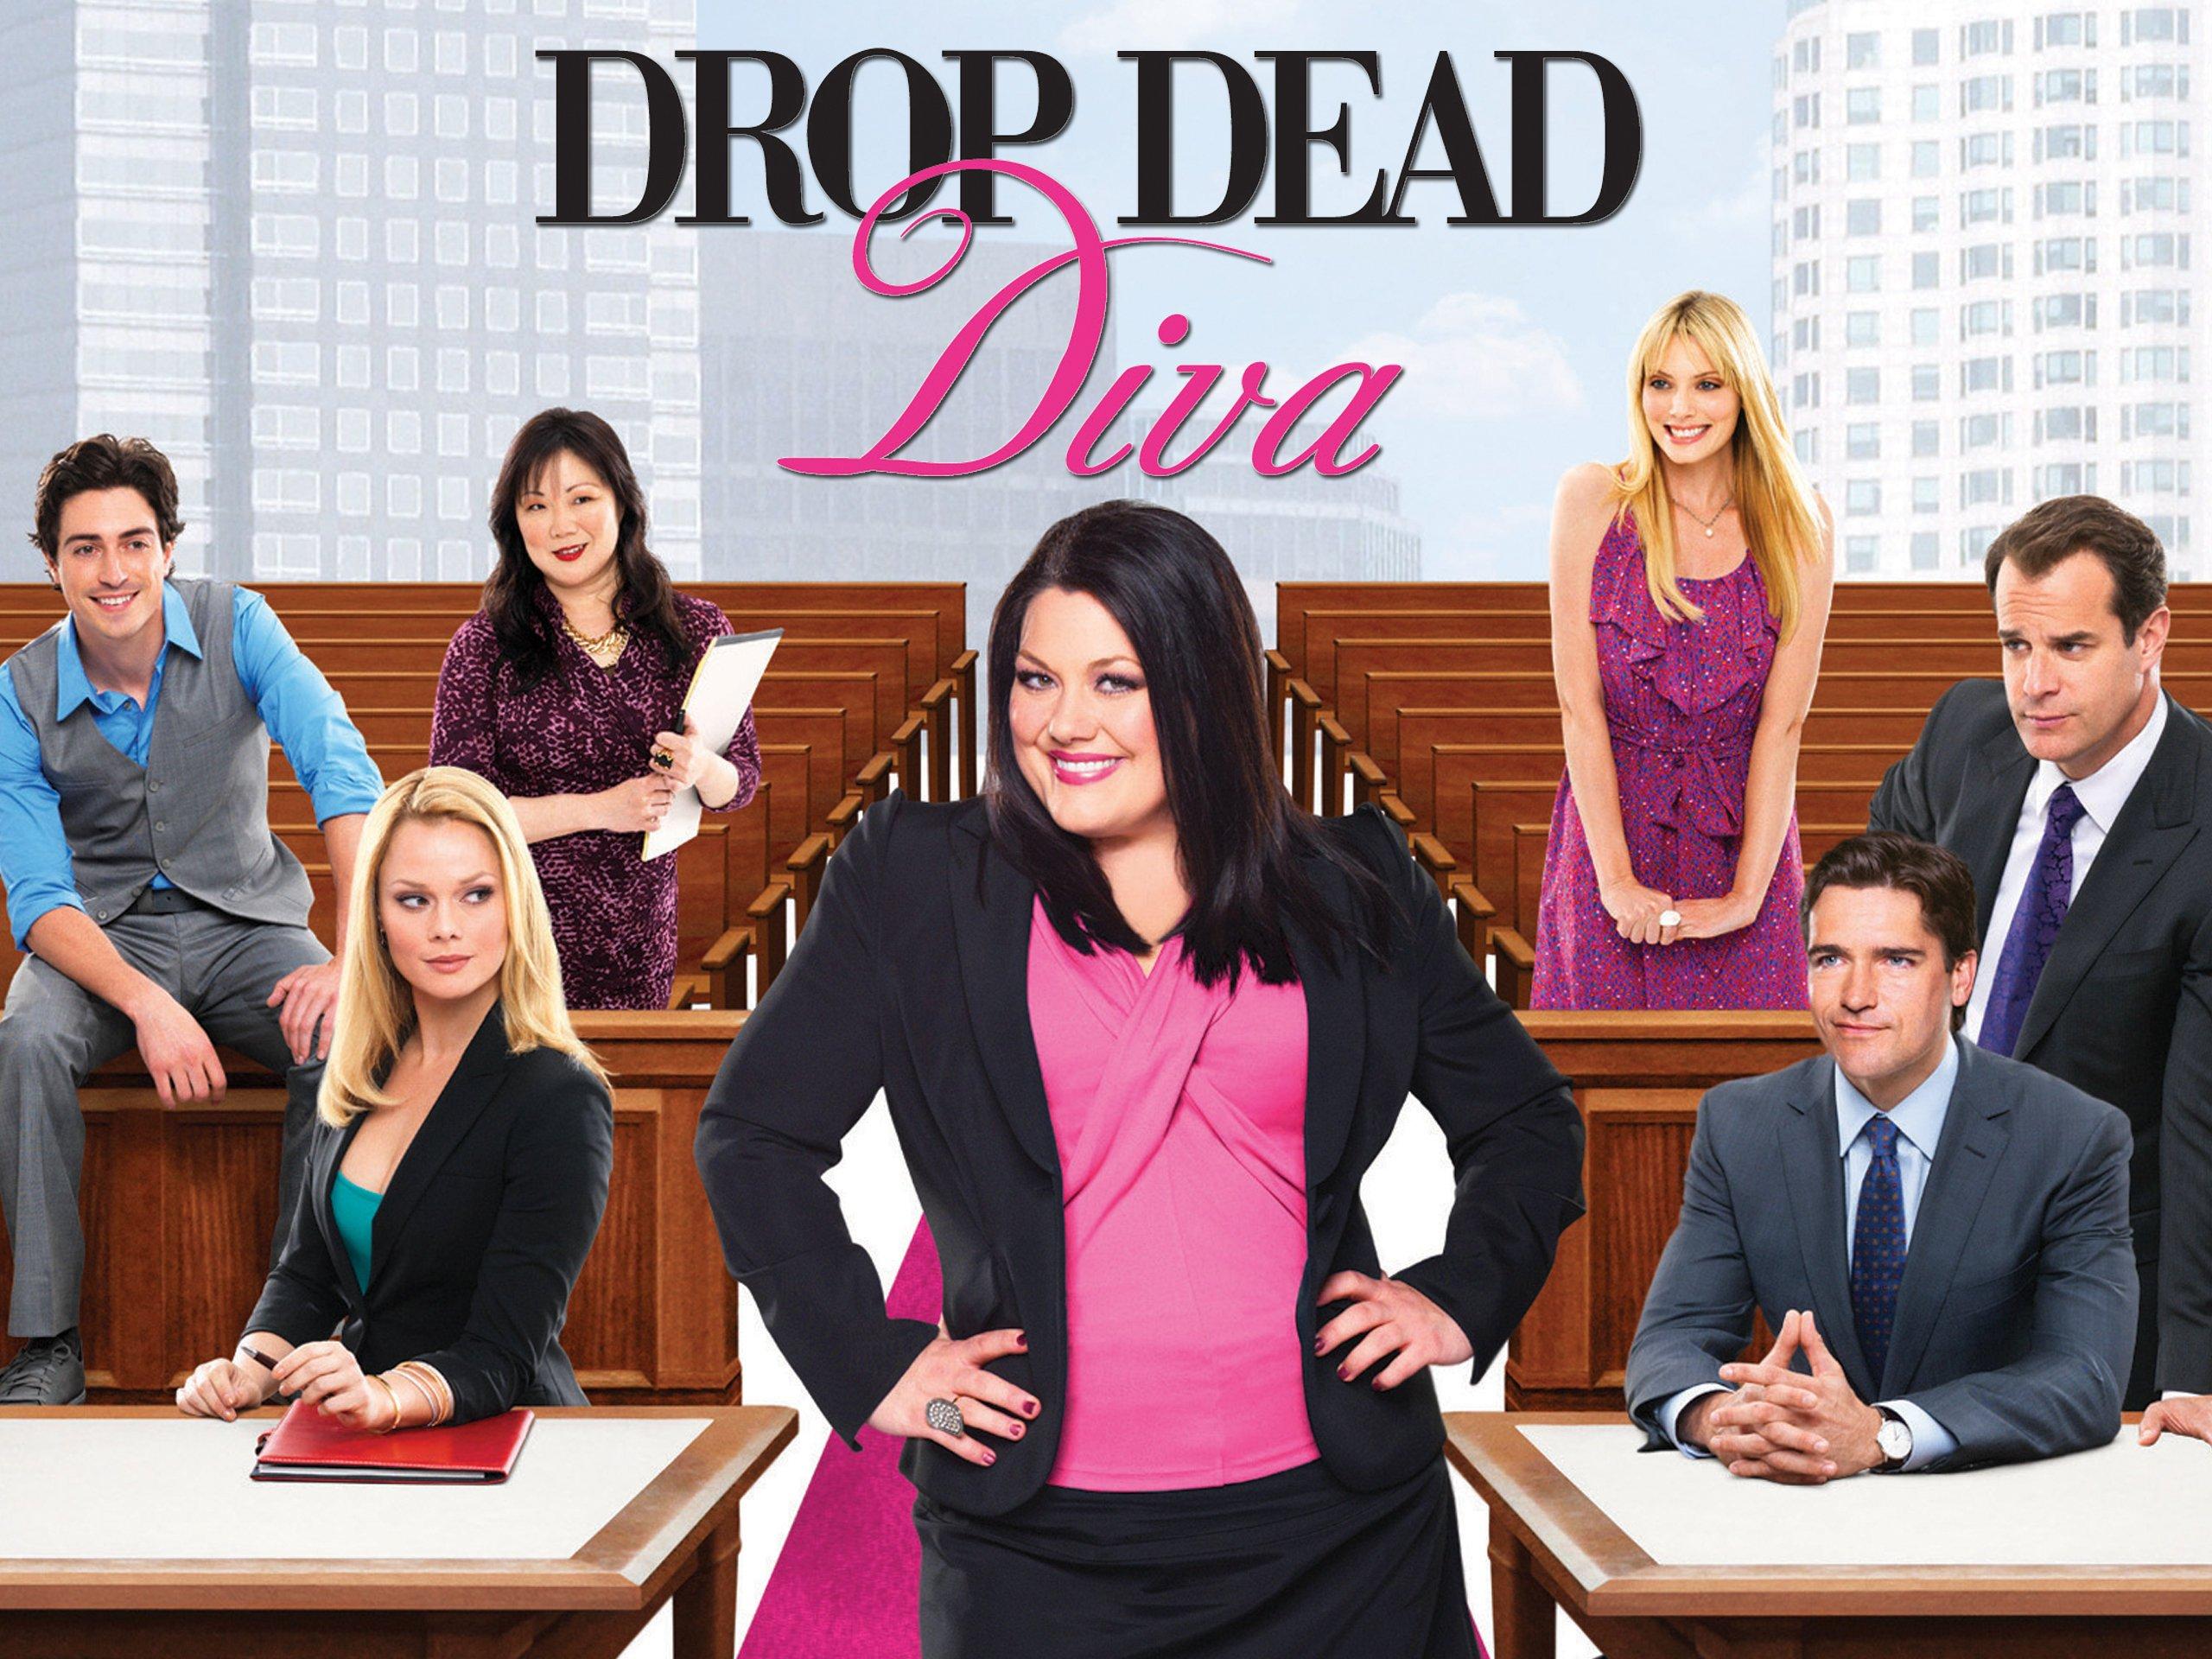 watch drop dead diva season 1 free